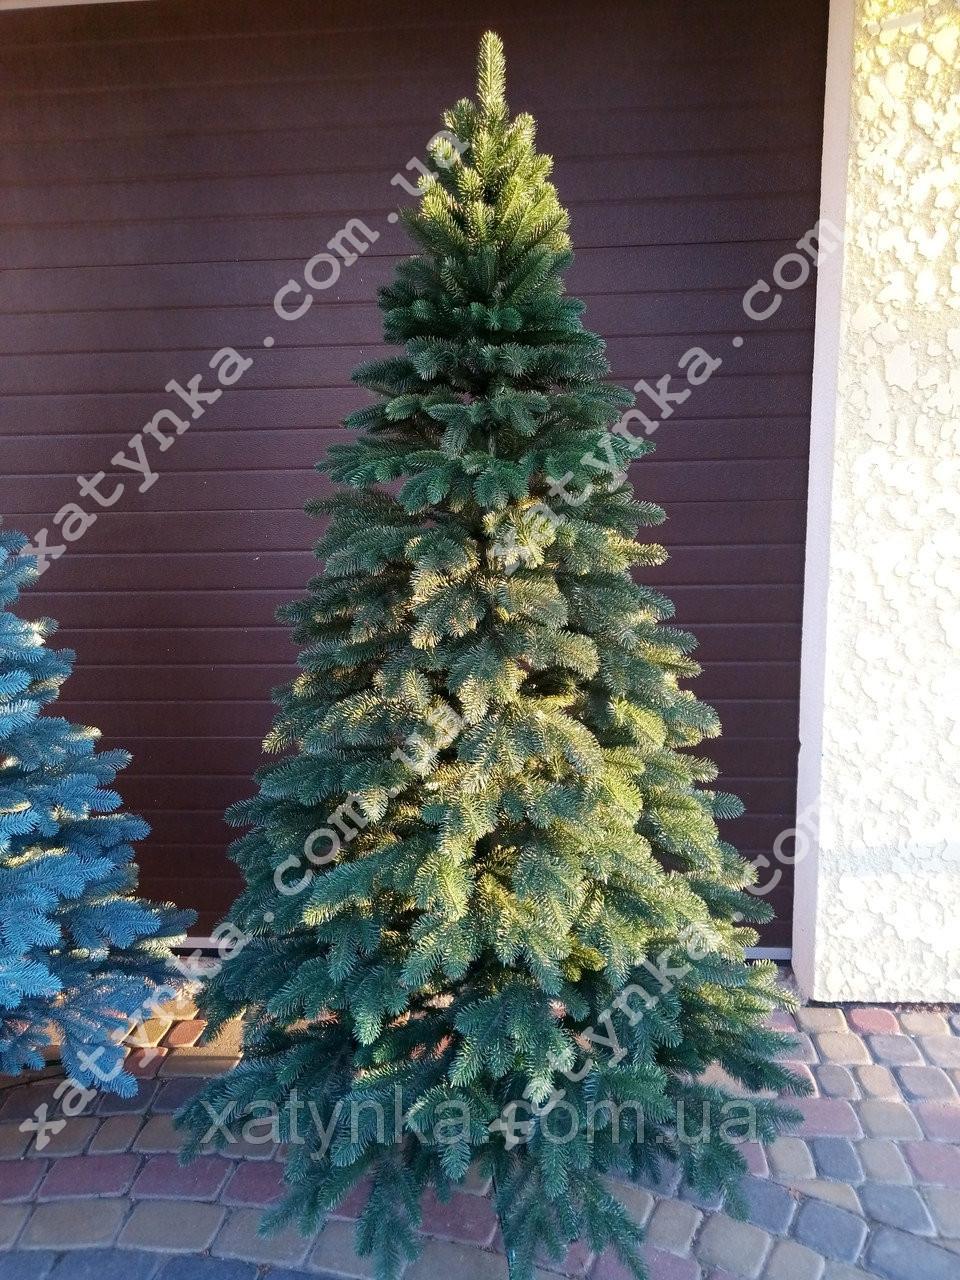 Литая елка Елитная 2.50м. зеленая// Лита ялинка / Ель